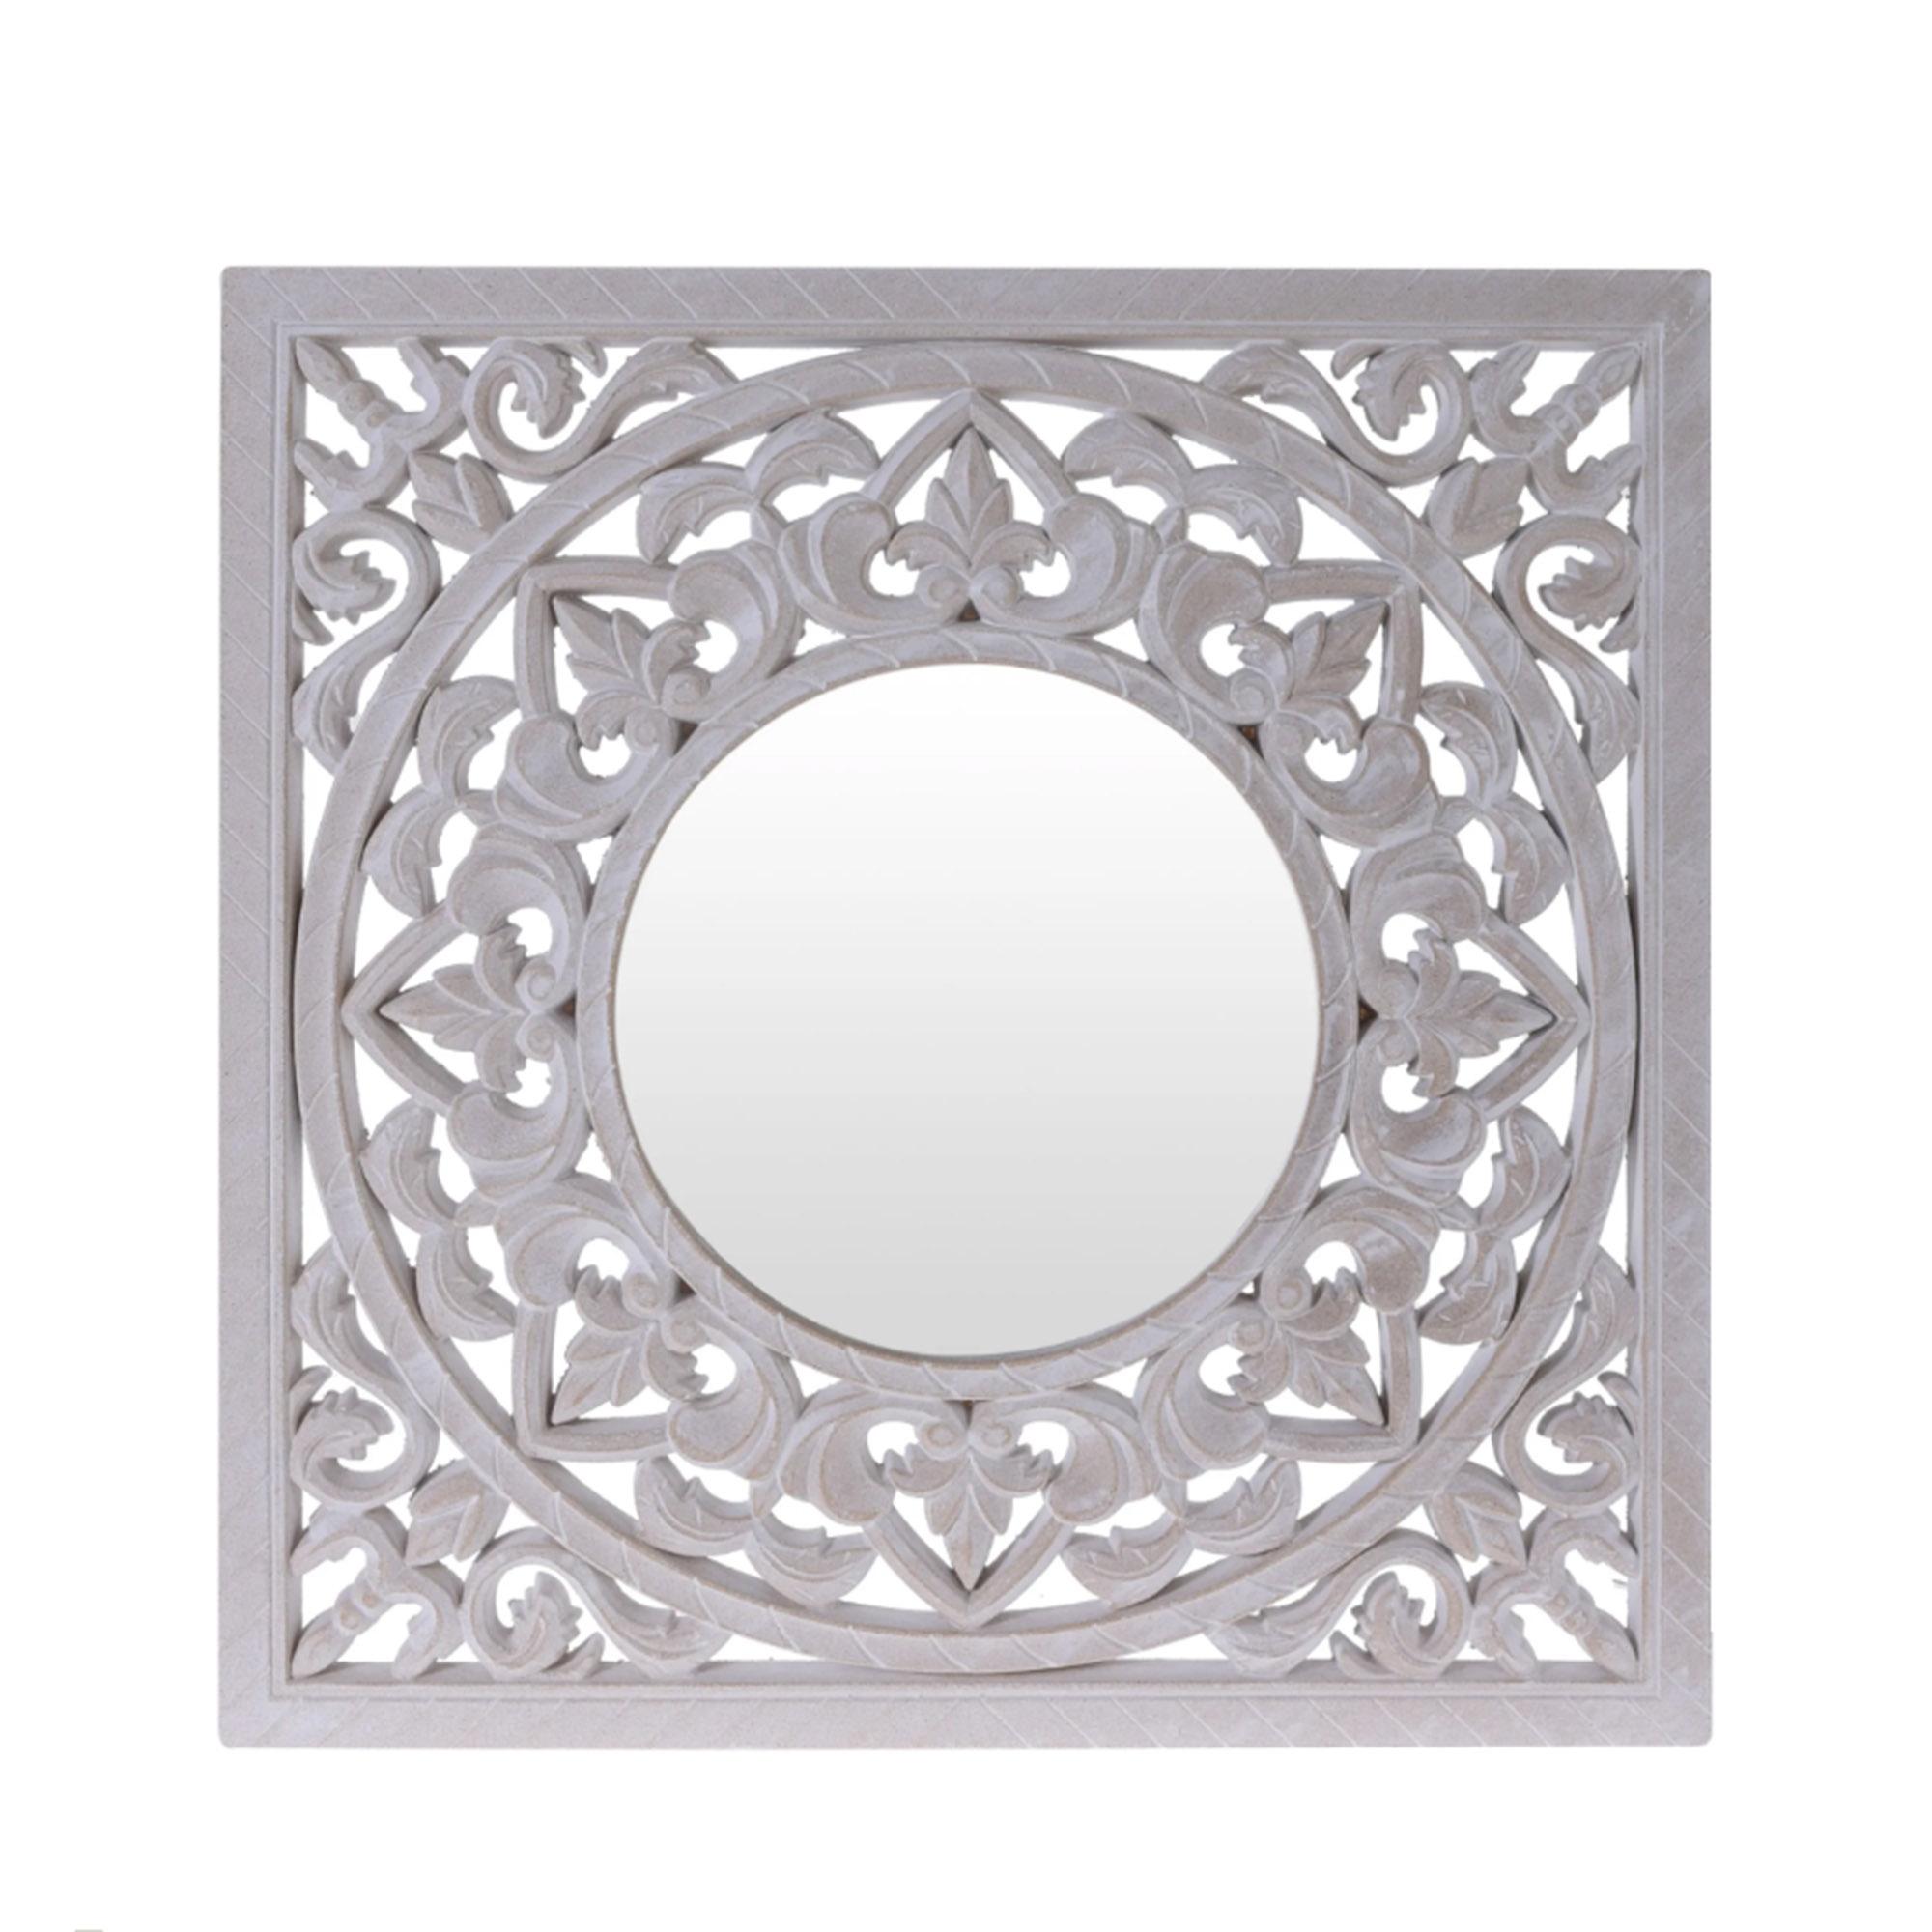 Фото - Зеркало в раме Koopman tableware декоративное 50x50 см зеркало в раме риччи